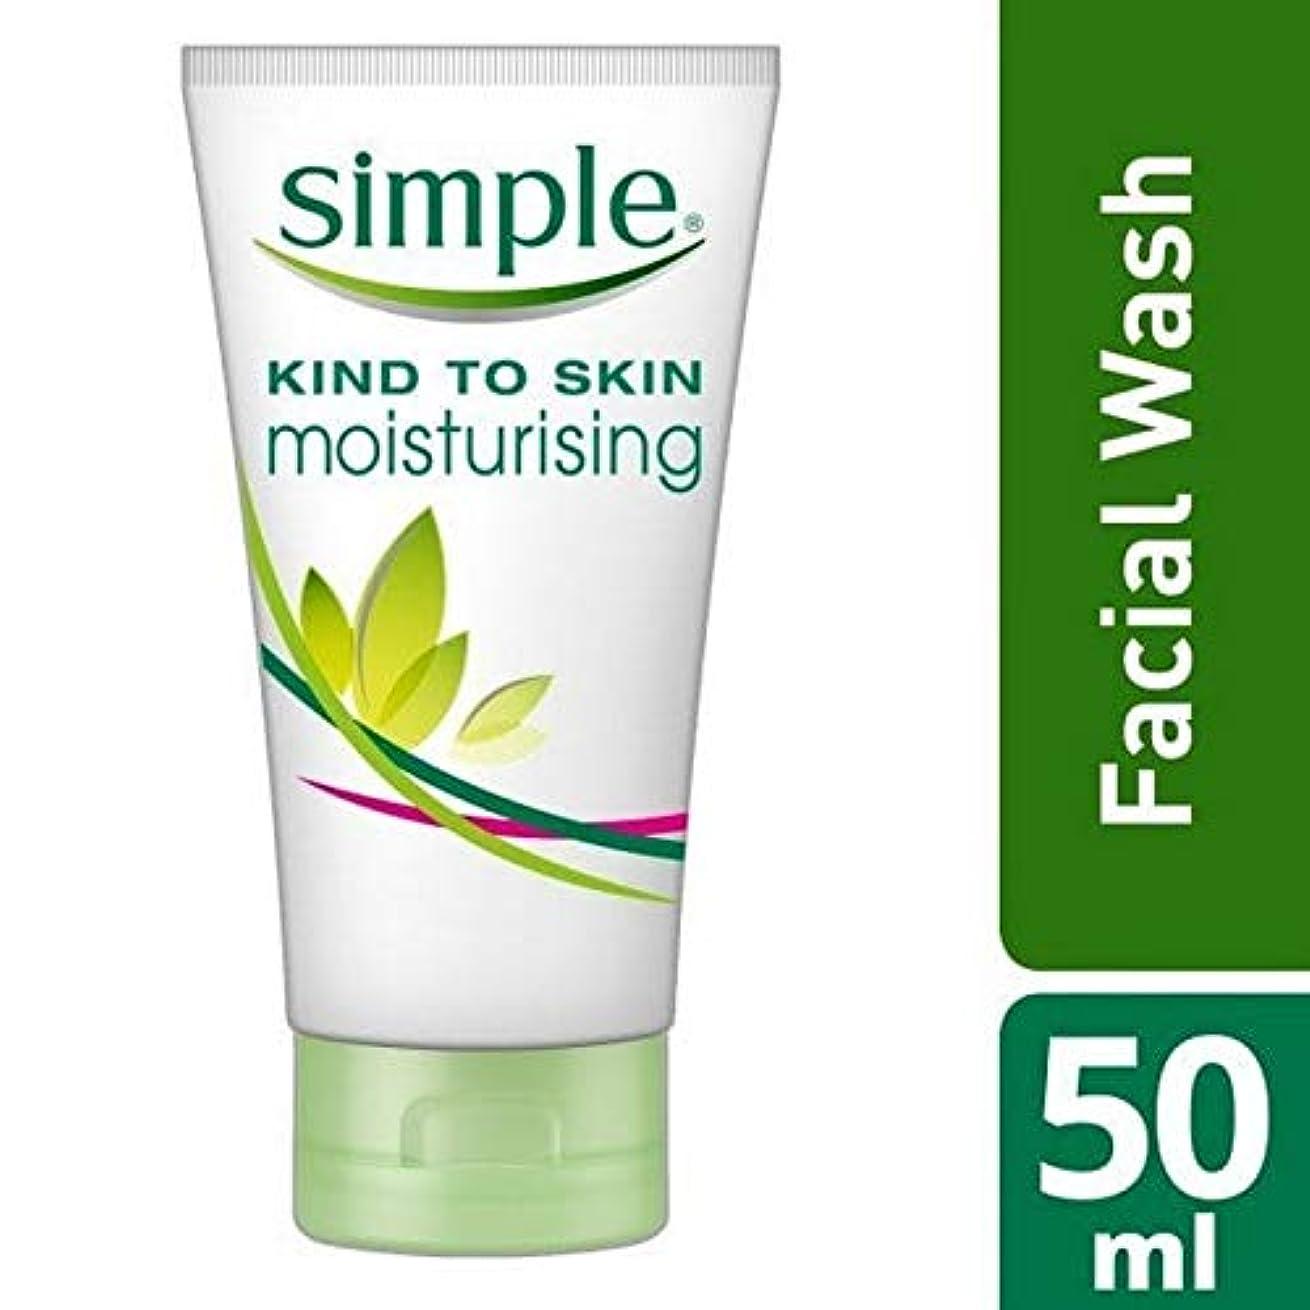 劇場異常イタリック[Simple ] 洗顔50ミリリットルを保湿肌への単純な種類 - Simple Kind To Skin Moisturising Facial Wash 50ml [並行輸入品]